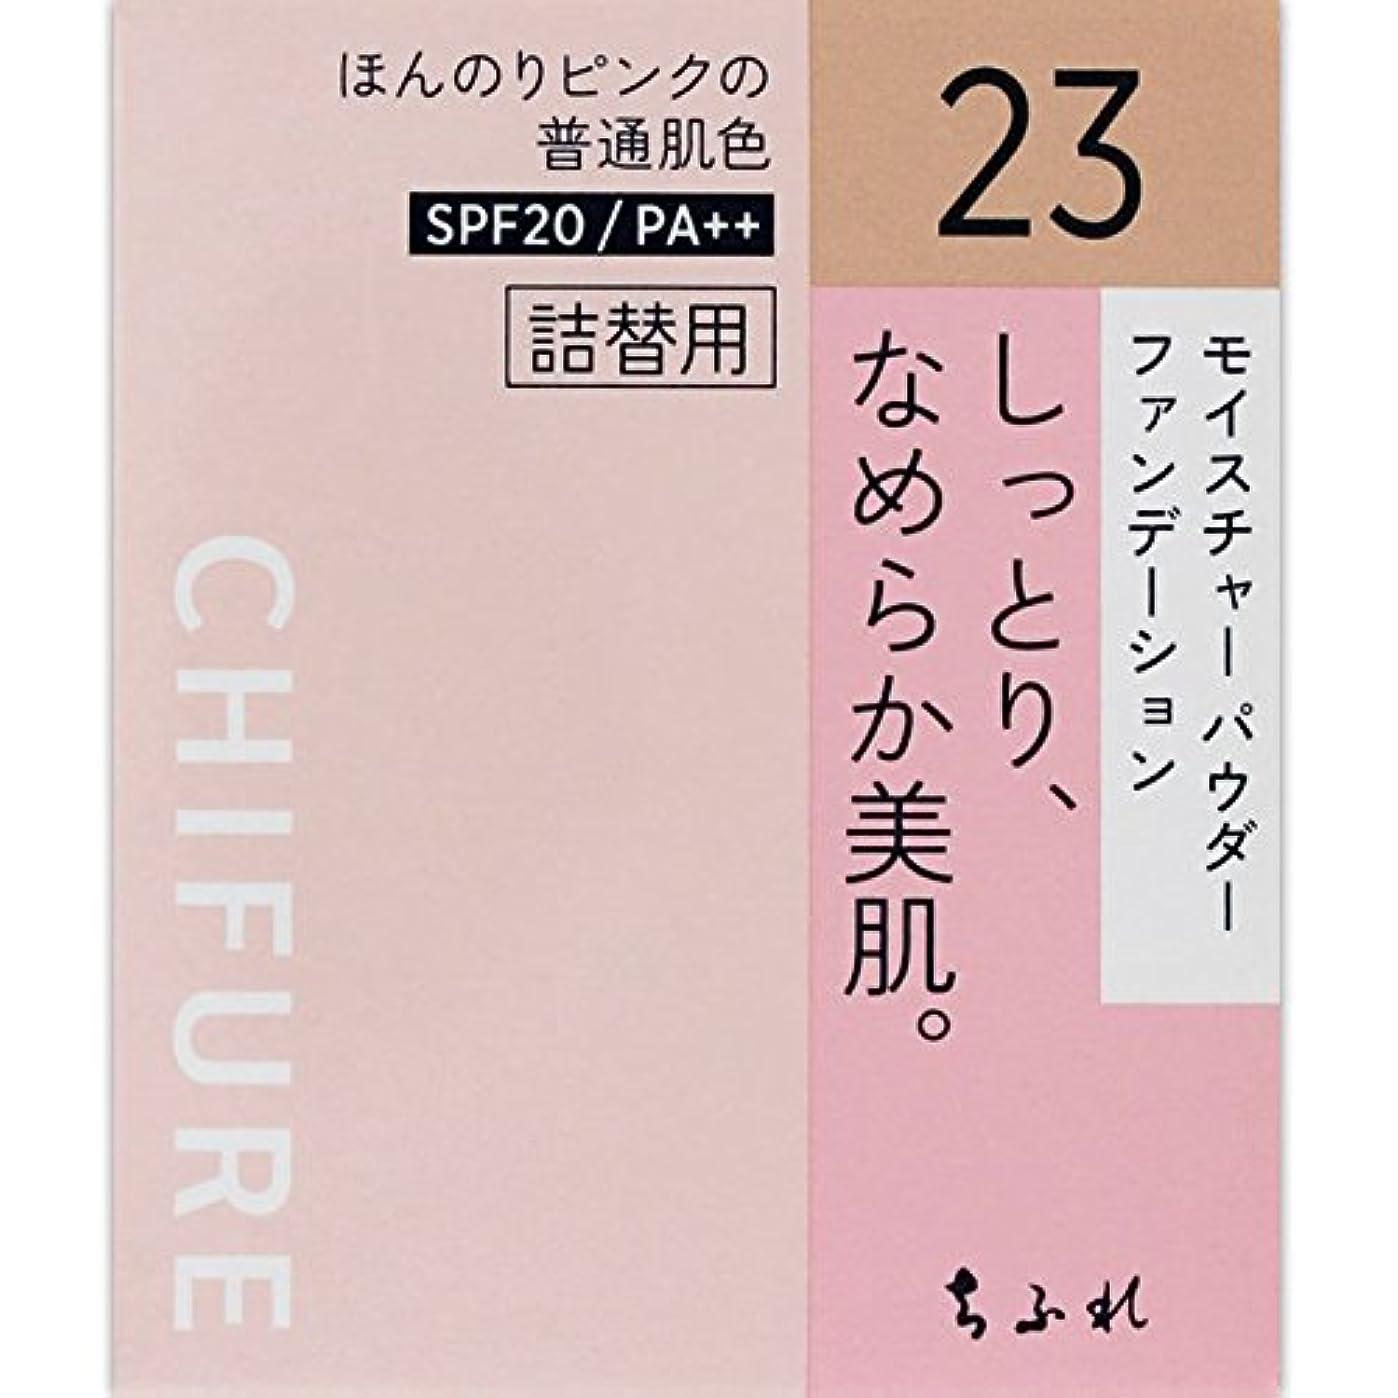 赤ストレンジャーポールちふれ化粧品 モイスチャー パウダーファンデーション 詰替用 ピンクオークル系 MパウダーFD詰替用23